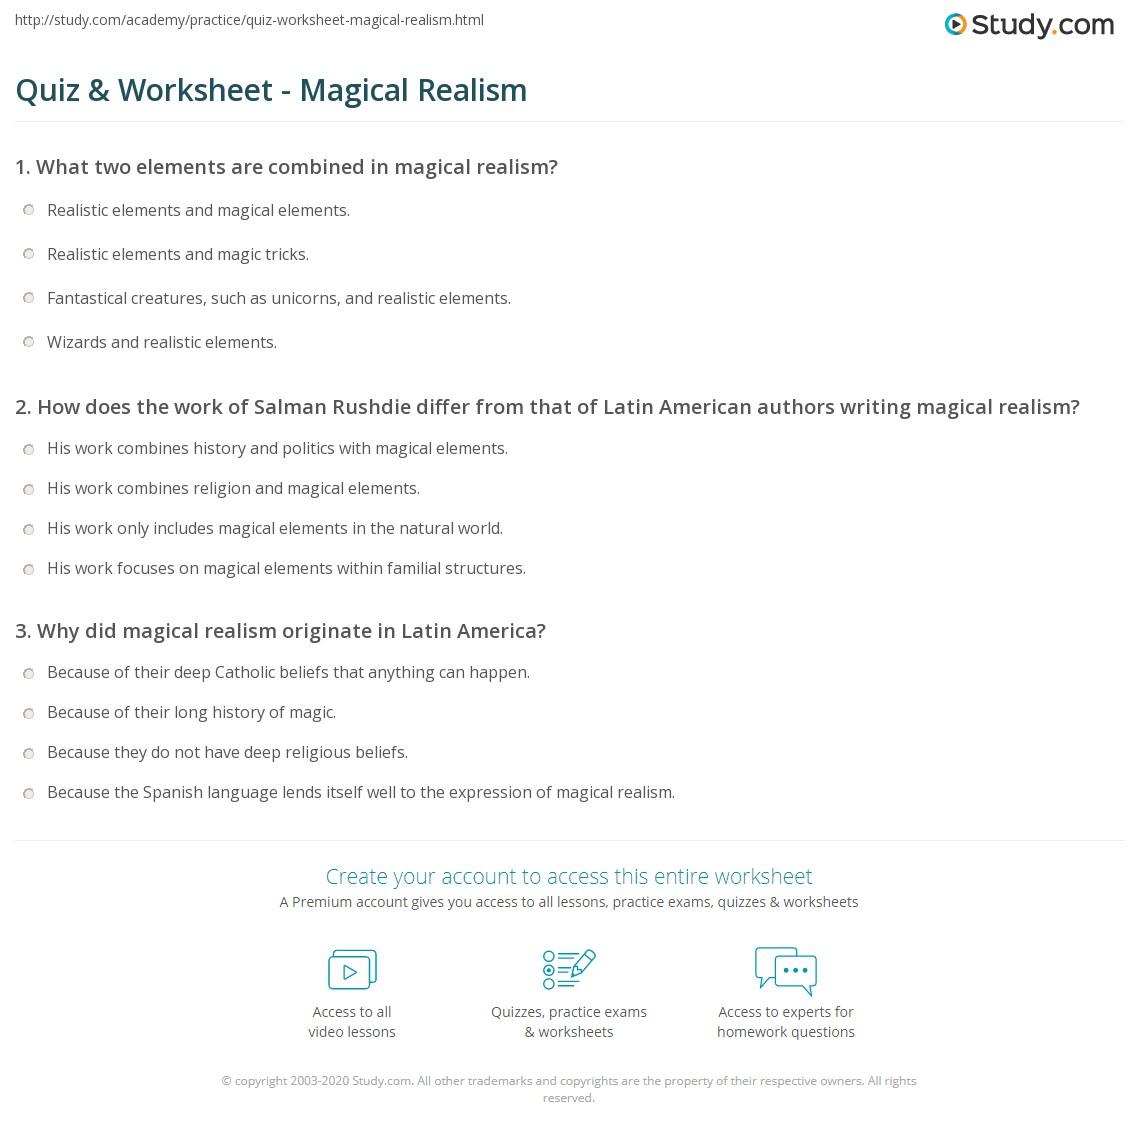 Quiz W Ksheet M Gic L Re Lism Study